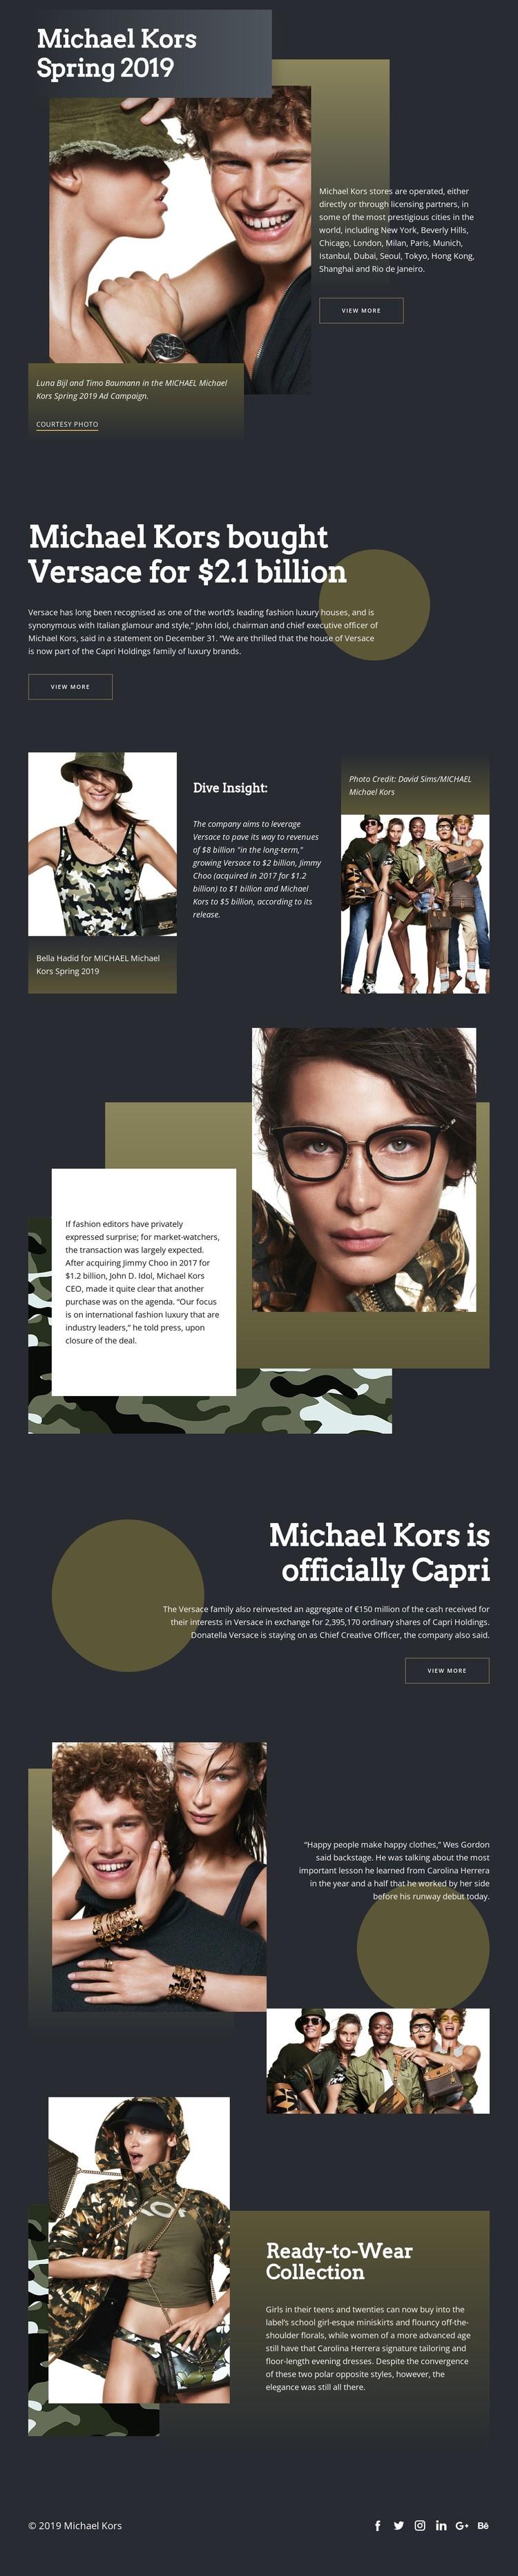 Michael Kors Dark Static Site Generator